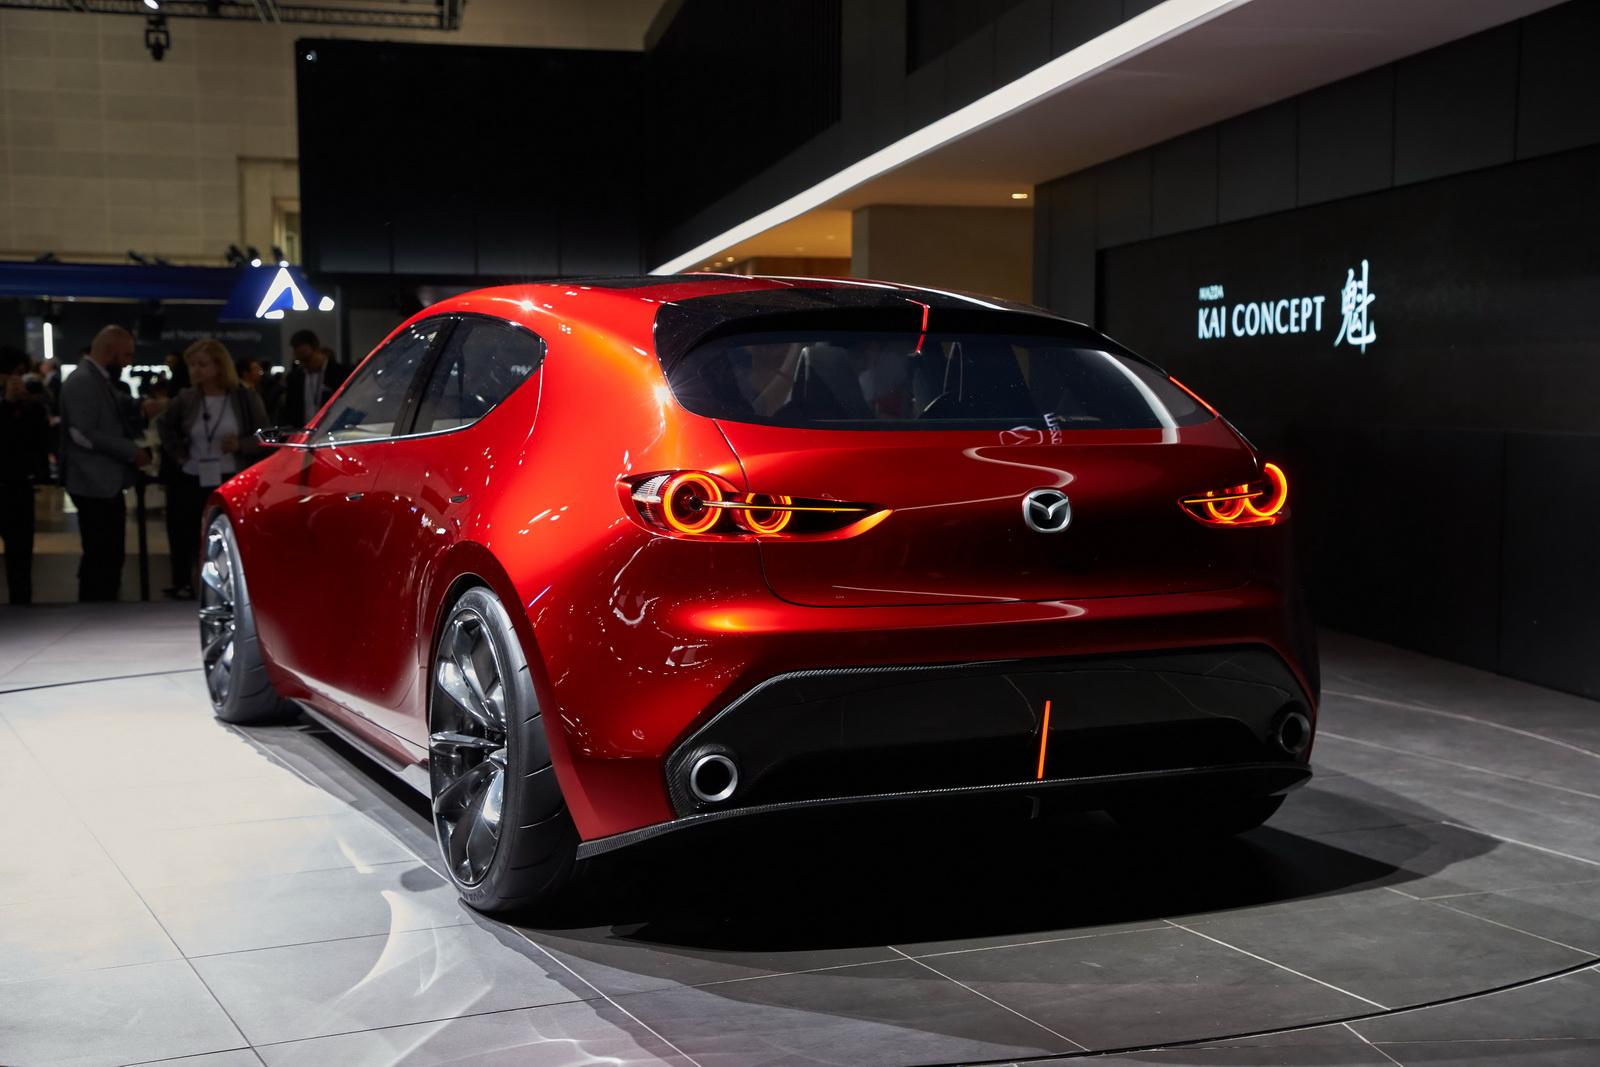 Mazda_Kai_Concept tokyo 2017 (44)